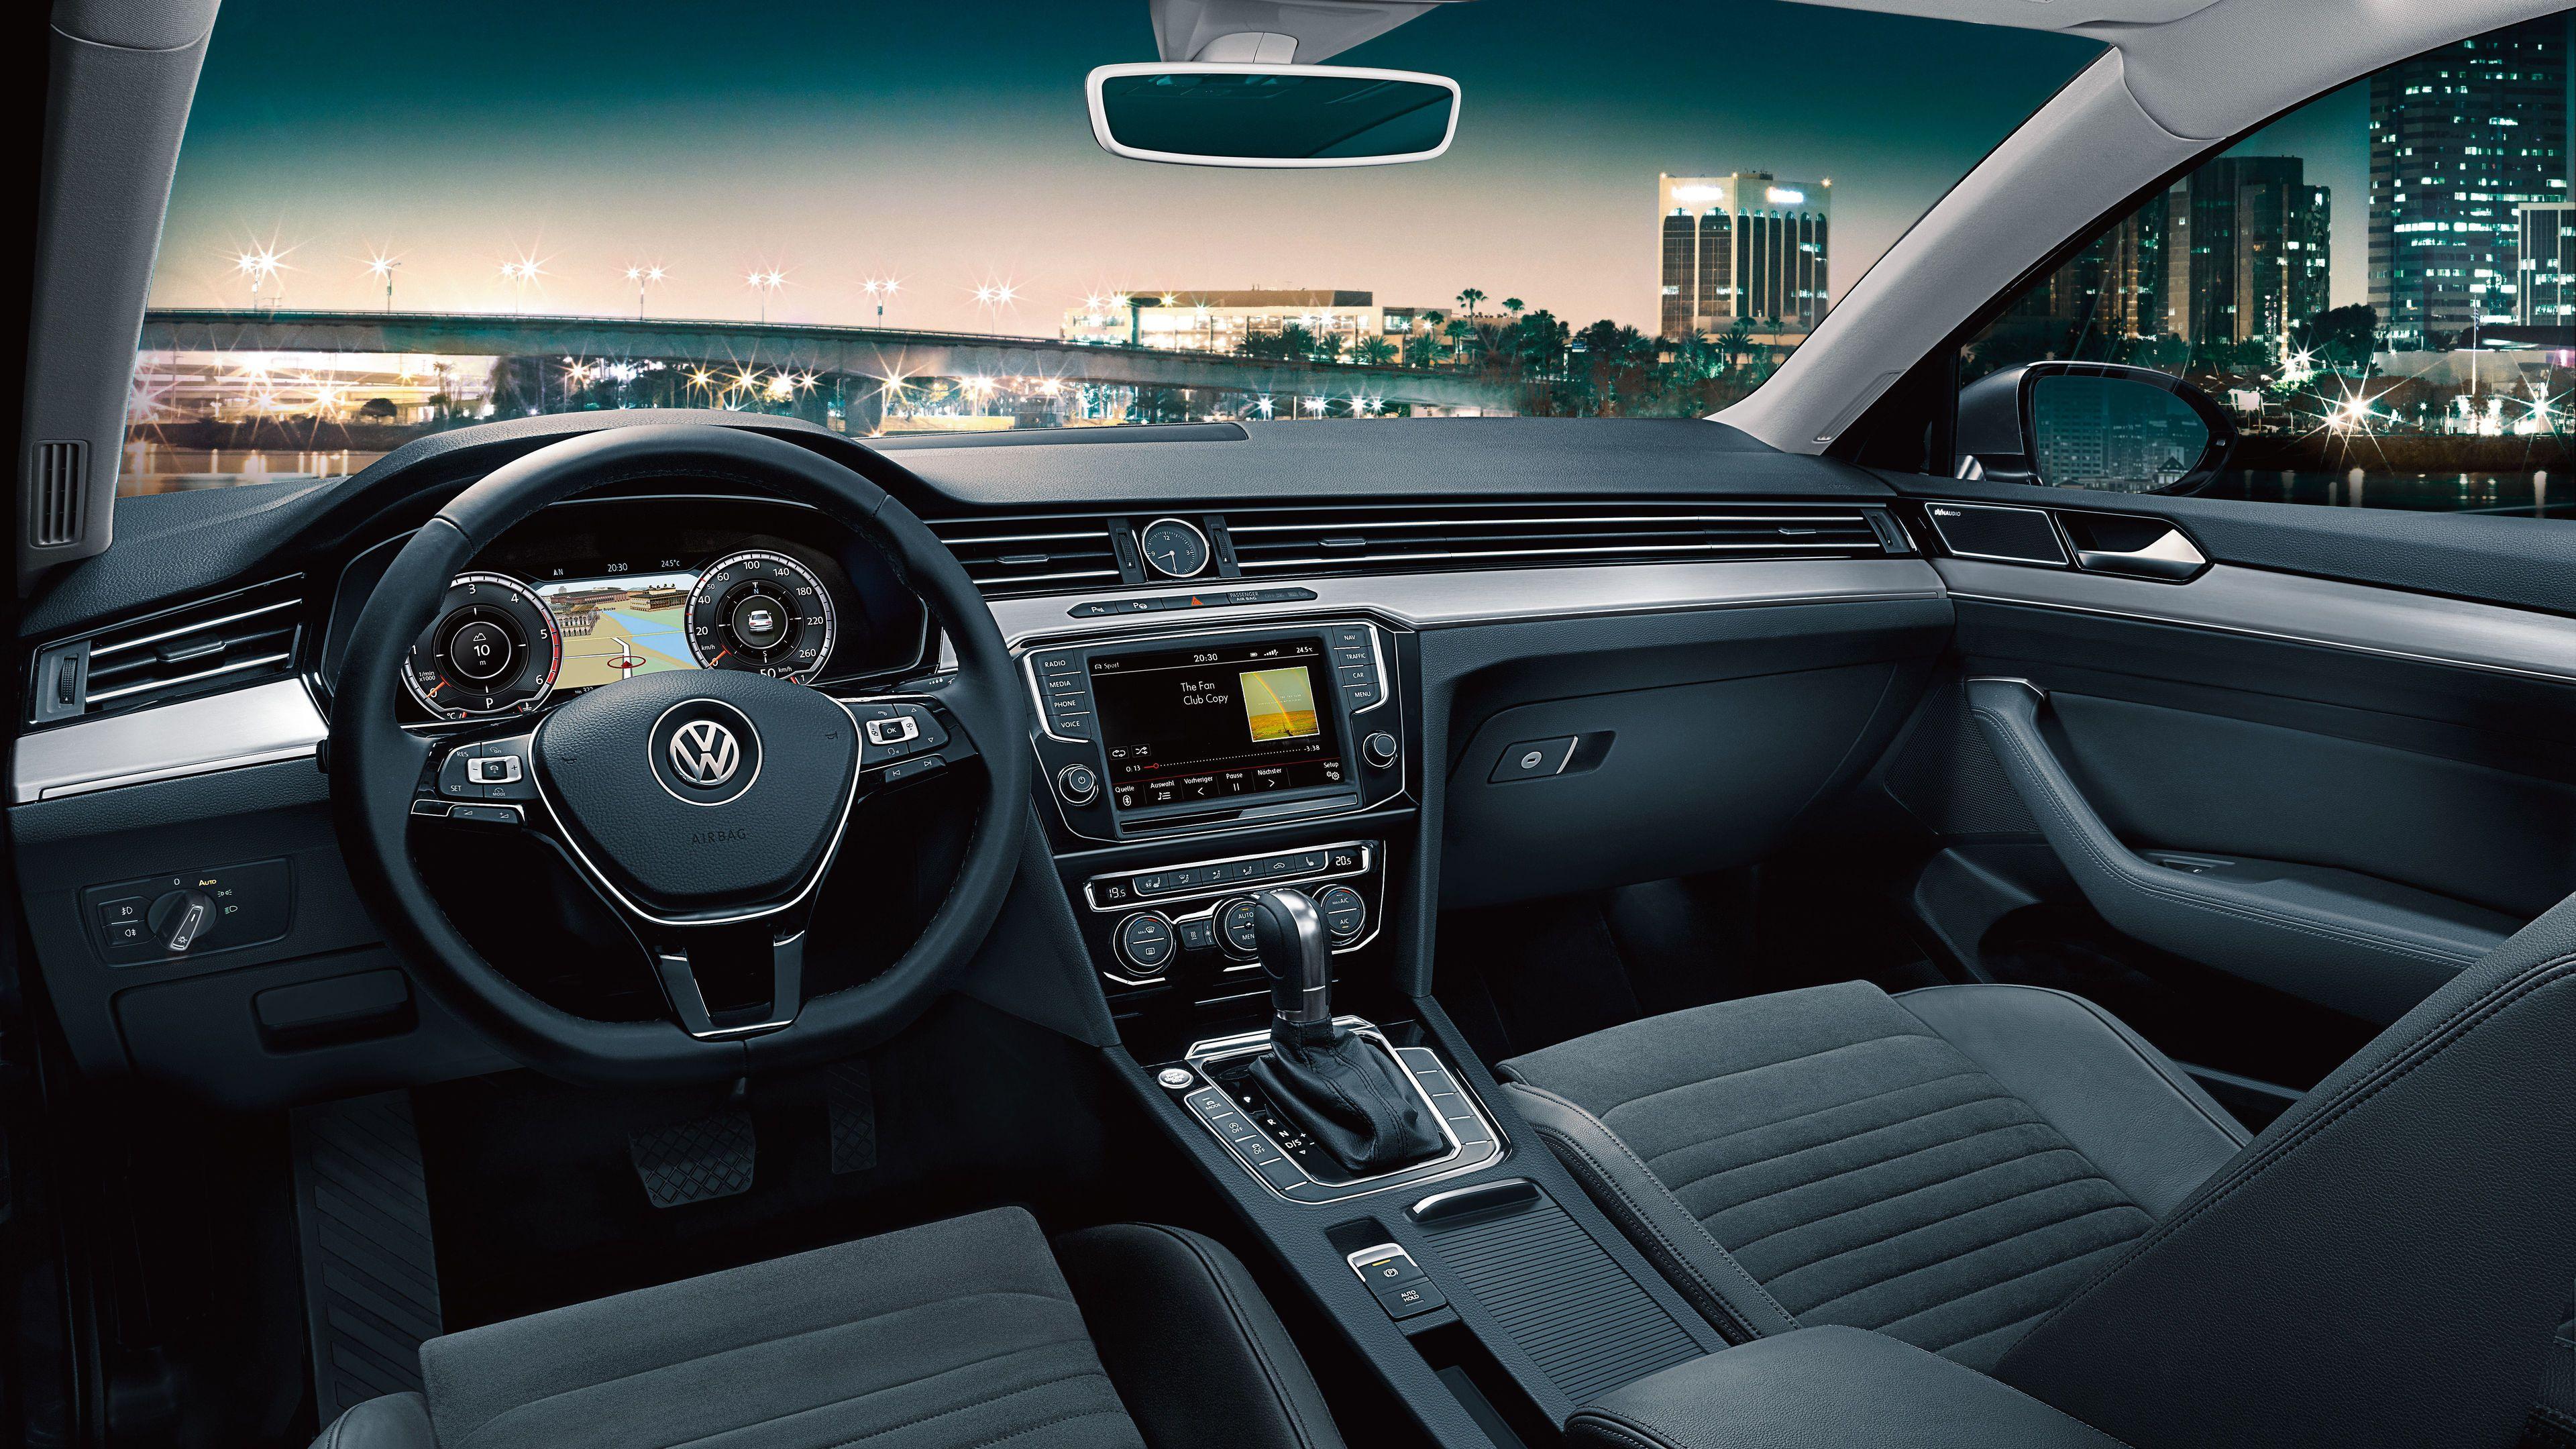 2016 Volkswagen Passat R Line 2016volkswagen Passatrline Volkswagen Passat Rlin Volkswagenpassat Avtomobili Volkswagen Volkswagen Jetta Volkswagen Passat